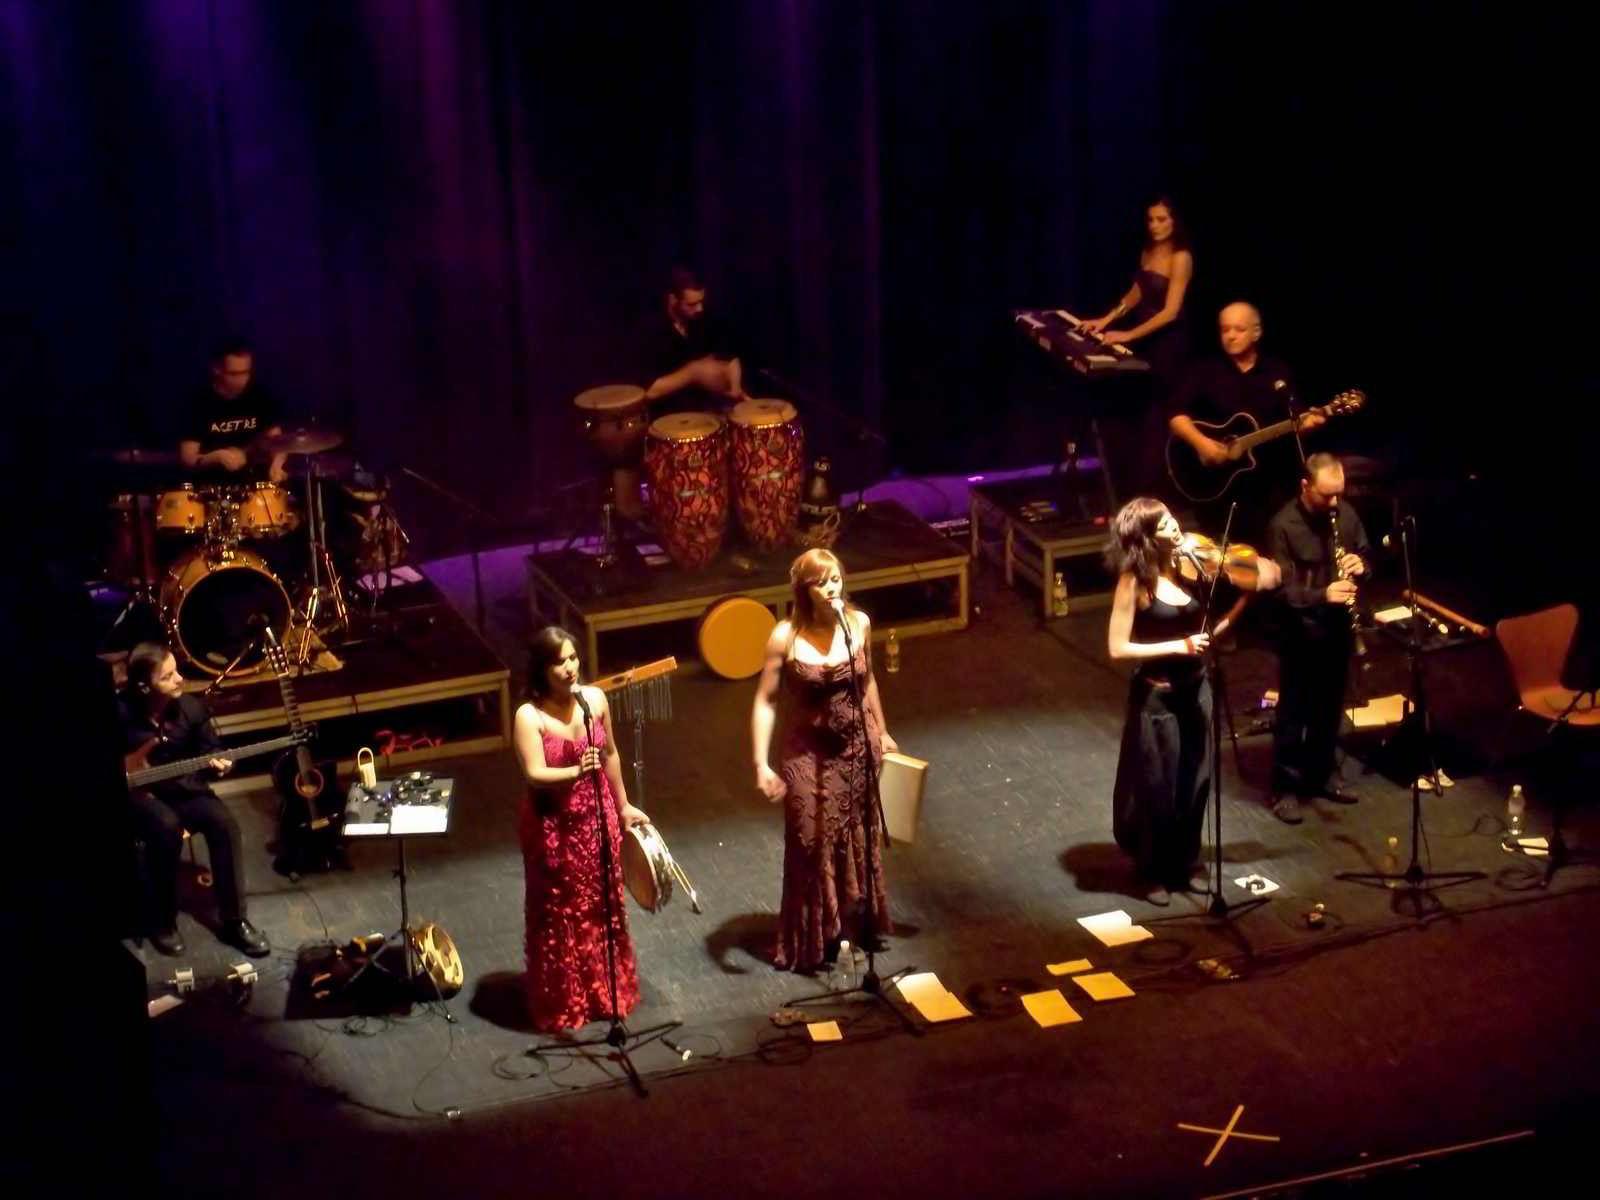 Música de Raíz,más allá del folclore